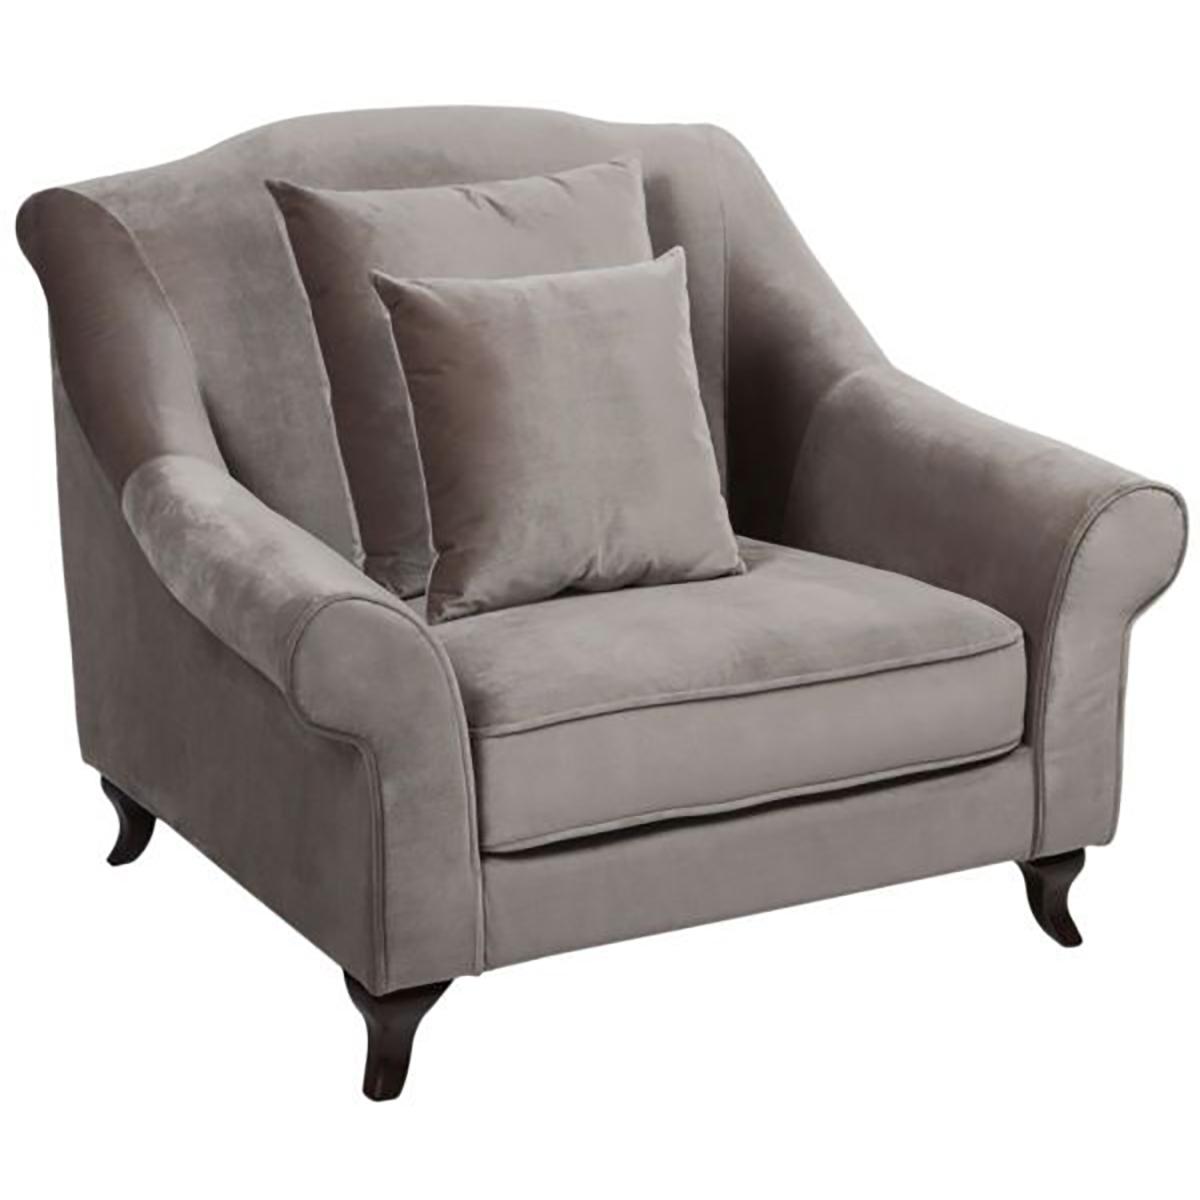 Купить Кресло Prime Minister velvet pale brown в интернет магазине дизайнерской мебели и аксессуаров для дома и дачи